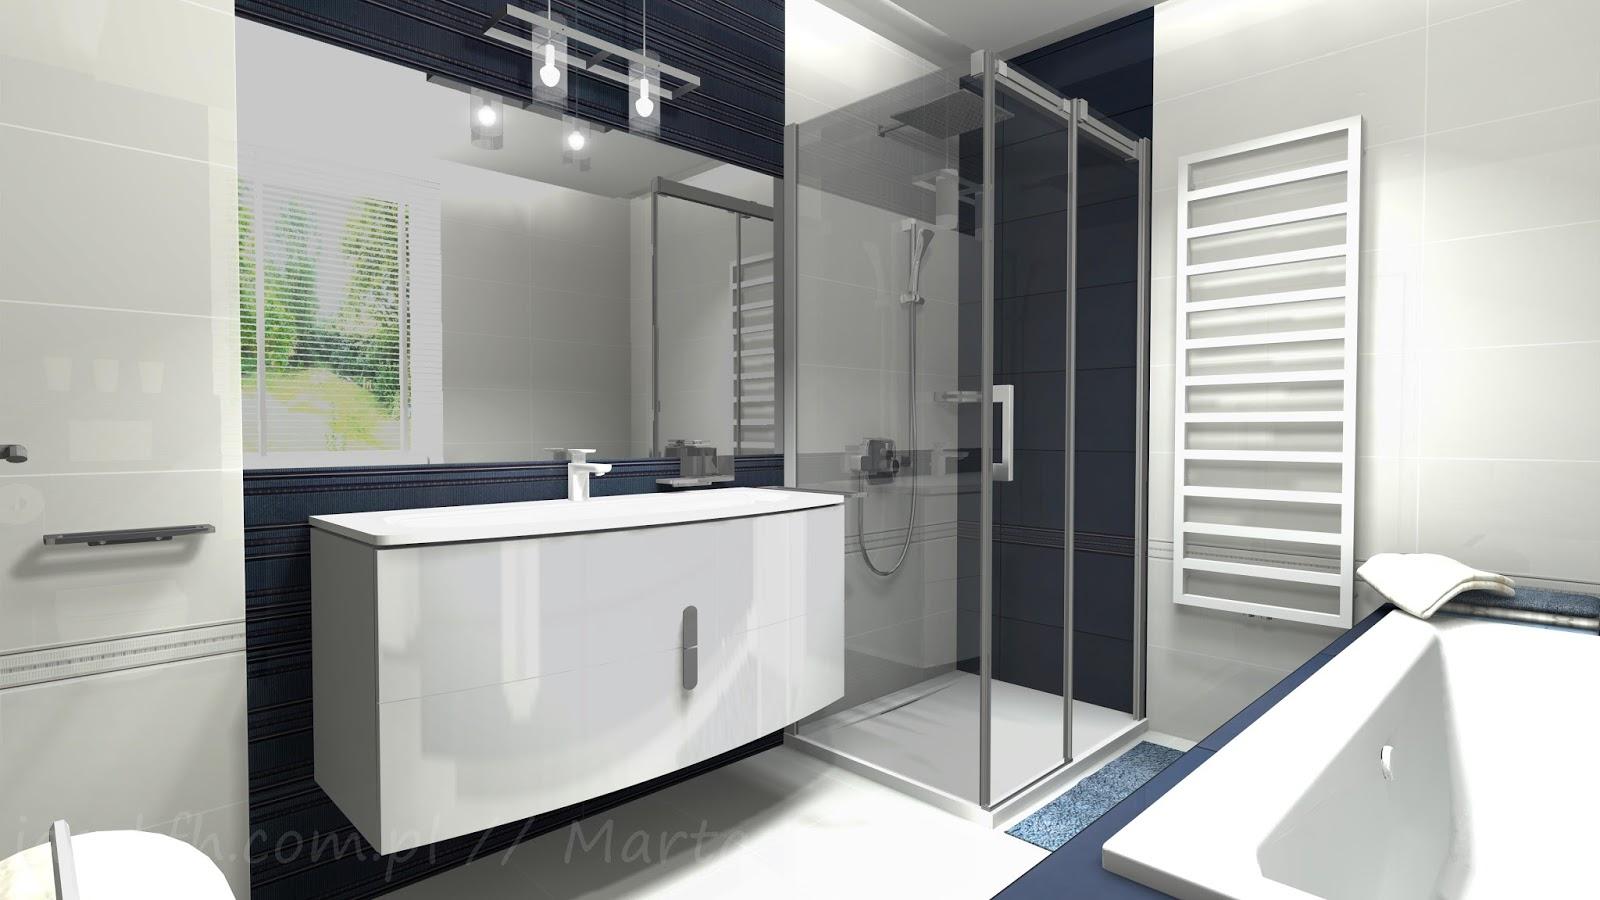 Projekty łazienek Abisso łazienka 69 M2